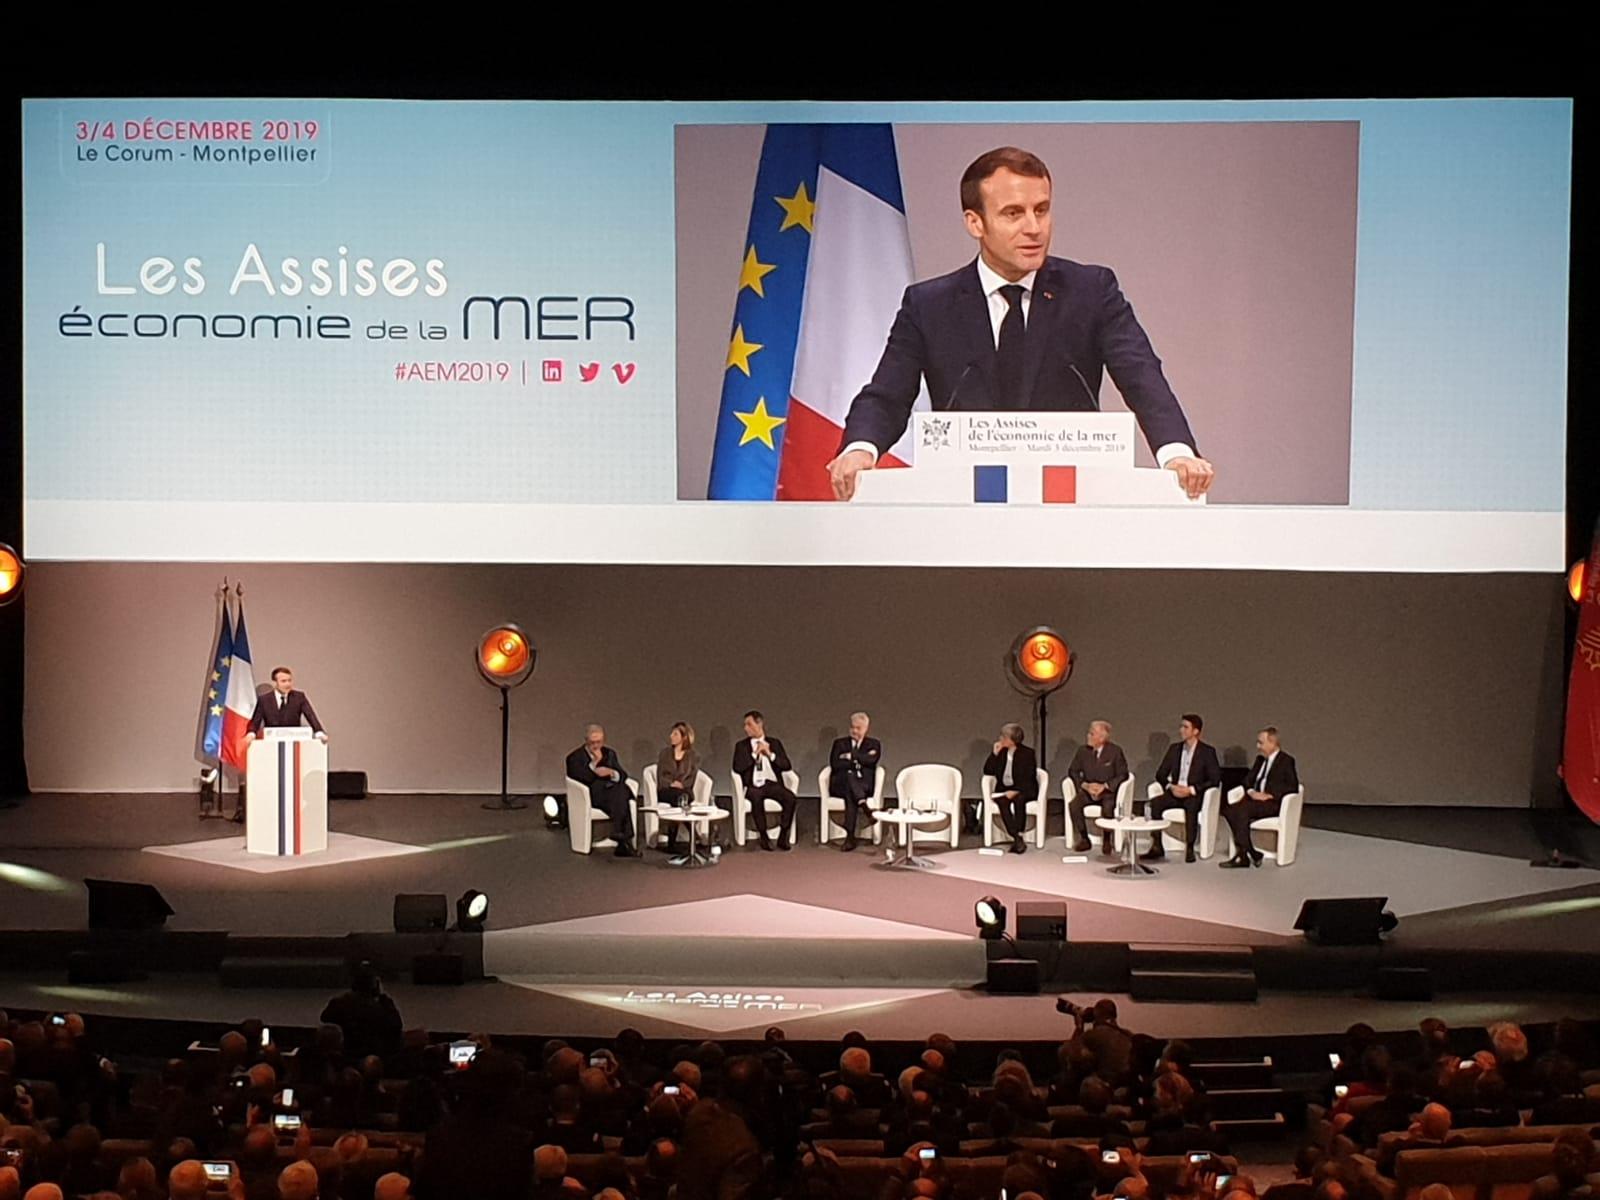 Assise - Discours Président E.Macron